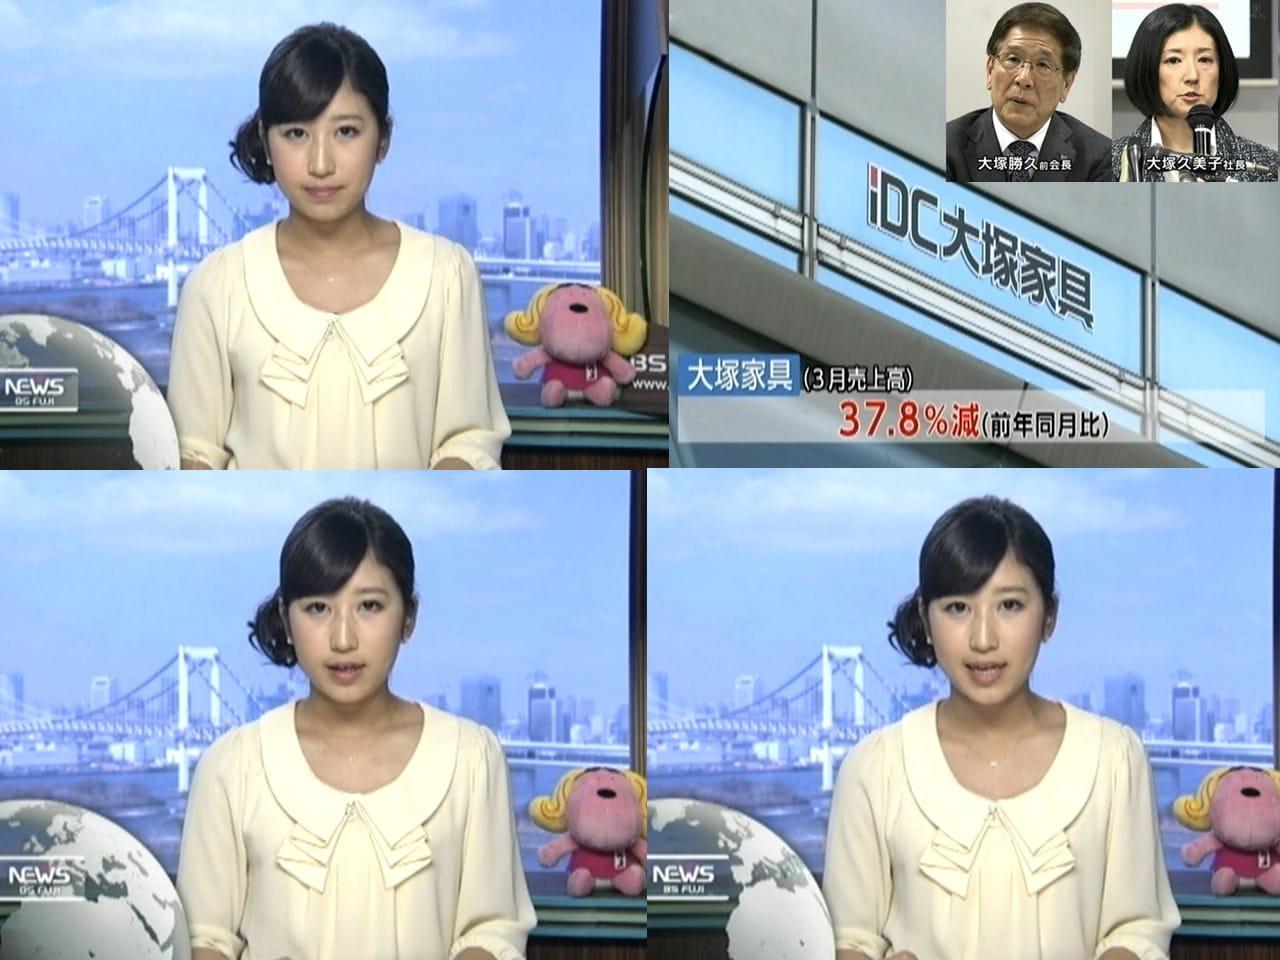 ニュースを読む臼井佑奈